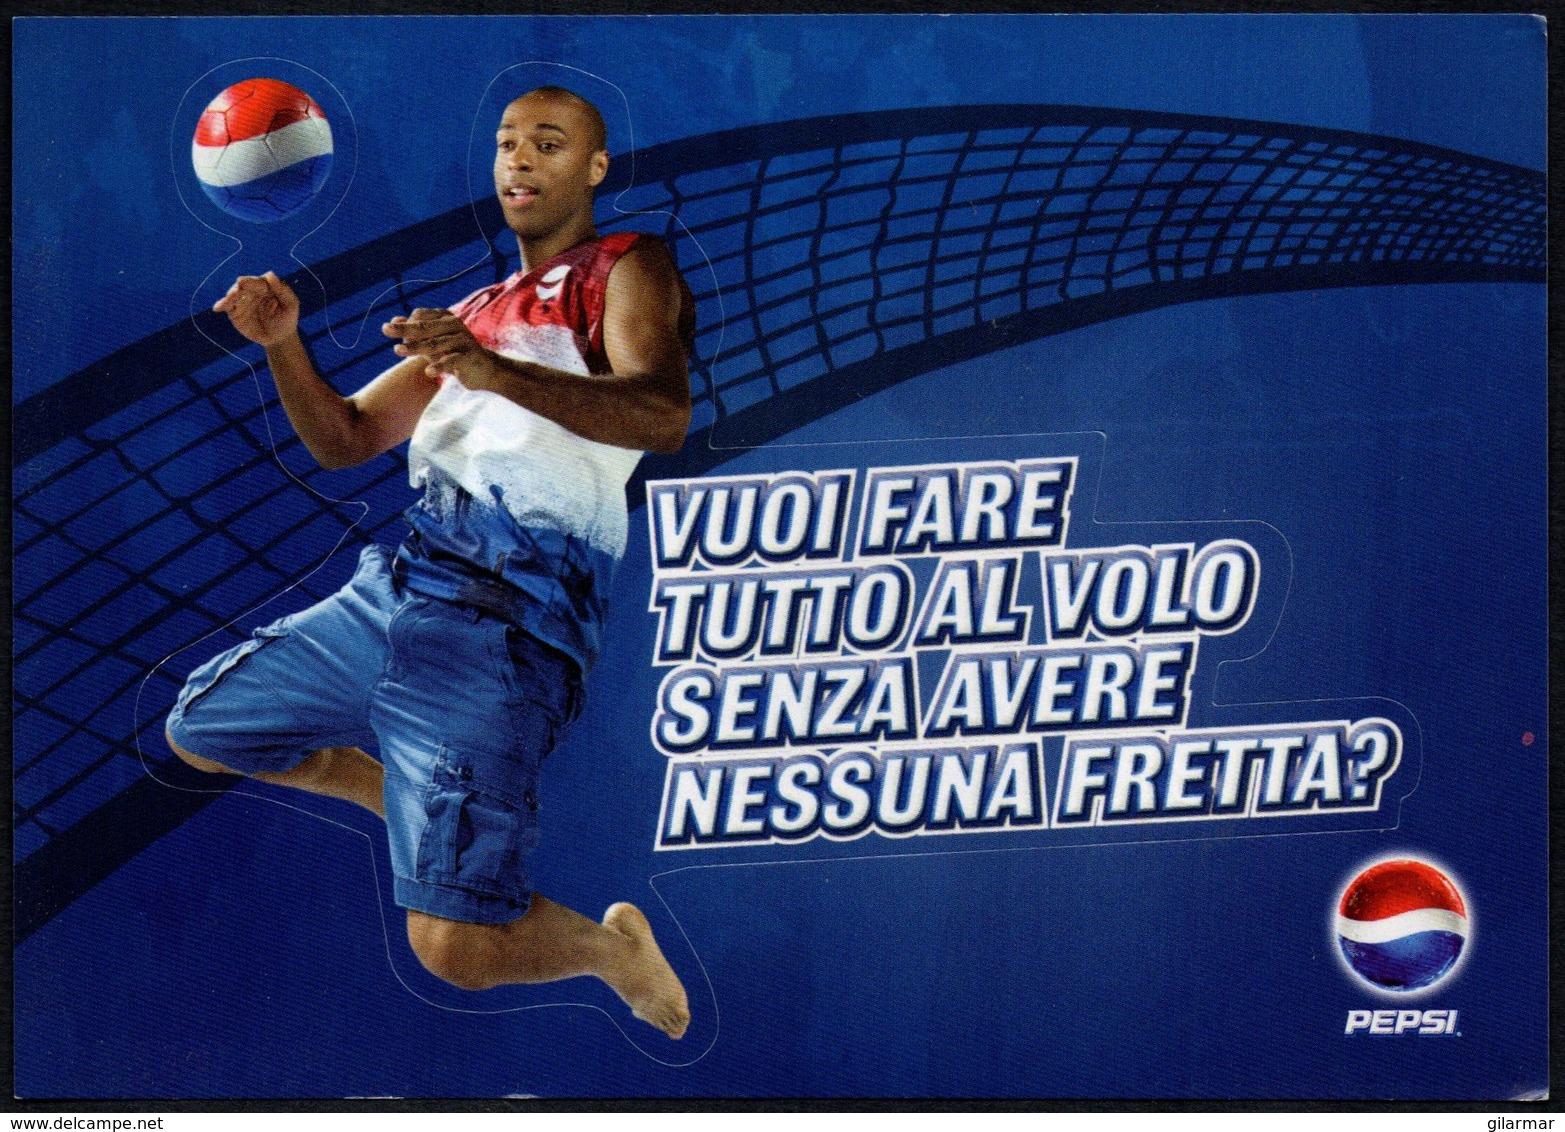 ITALIA 2009 - WORLD LEAGUE - PEPSI FOOTVOLLEY TOUR 2009 - VUOI FARE TUTTO A VOLO - PROMOCARD - Volleyball